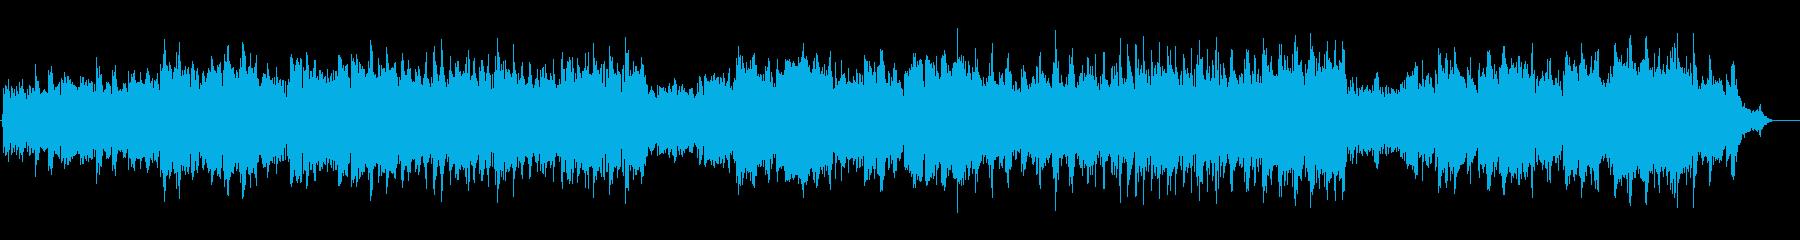 優しい大自然の温かいアンビ系α波BGの再生済みの波形